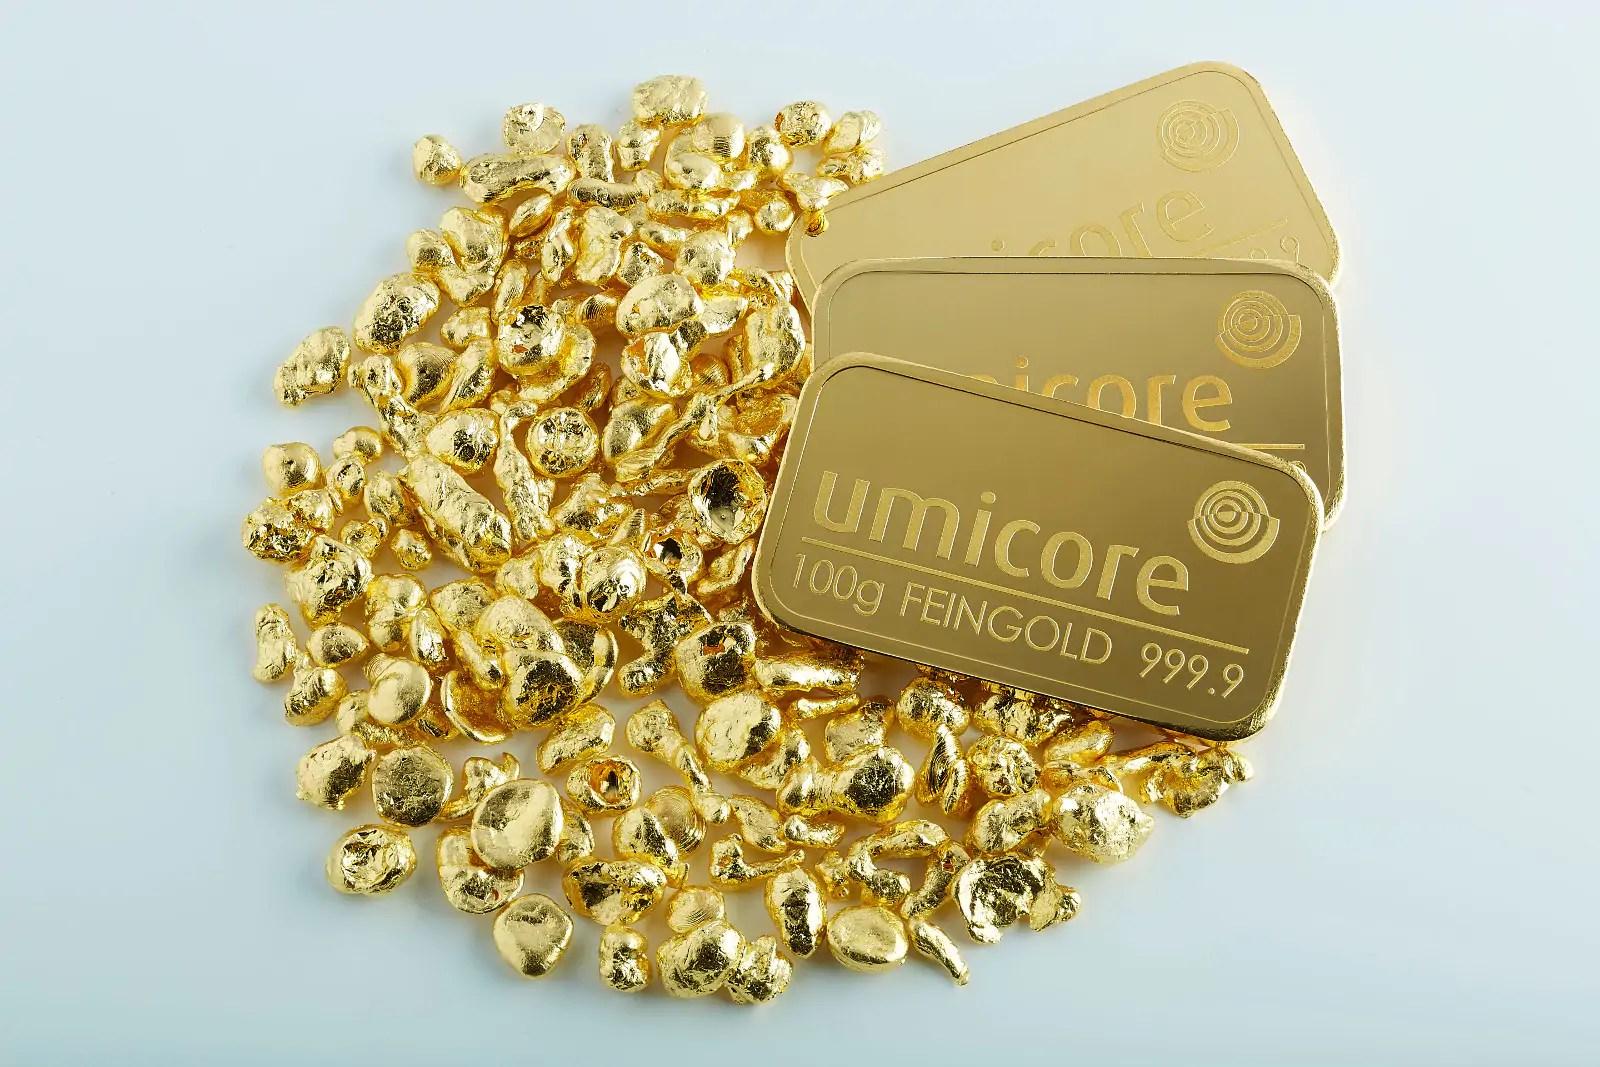 Goud kopen voor de beste prijs van Nederland. Goud kopen goudprijs Maple umicore